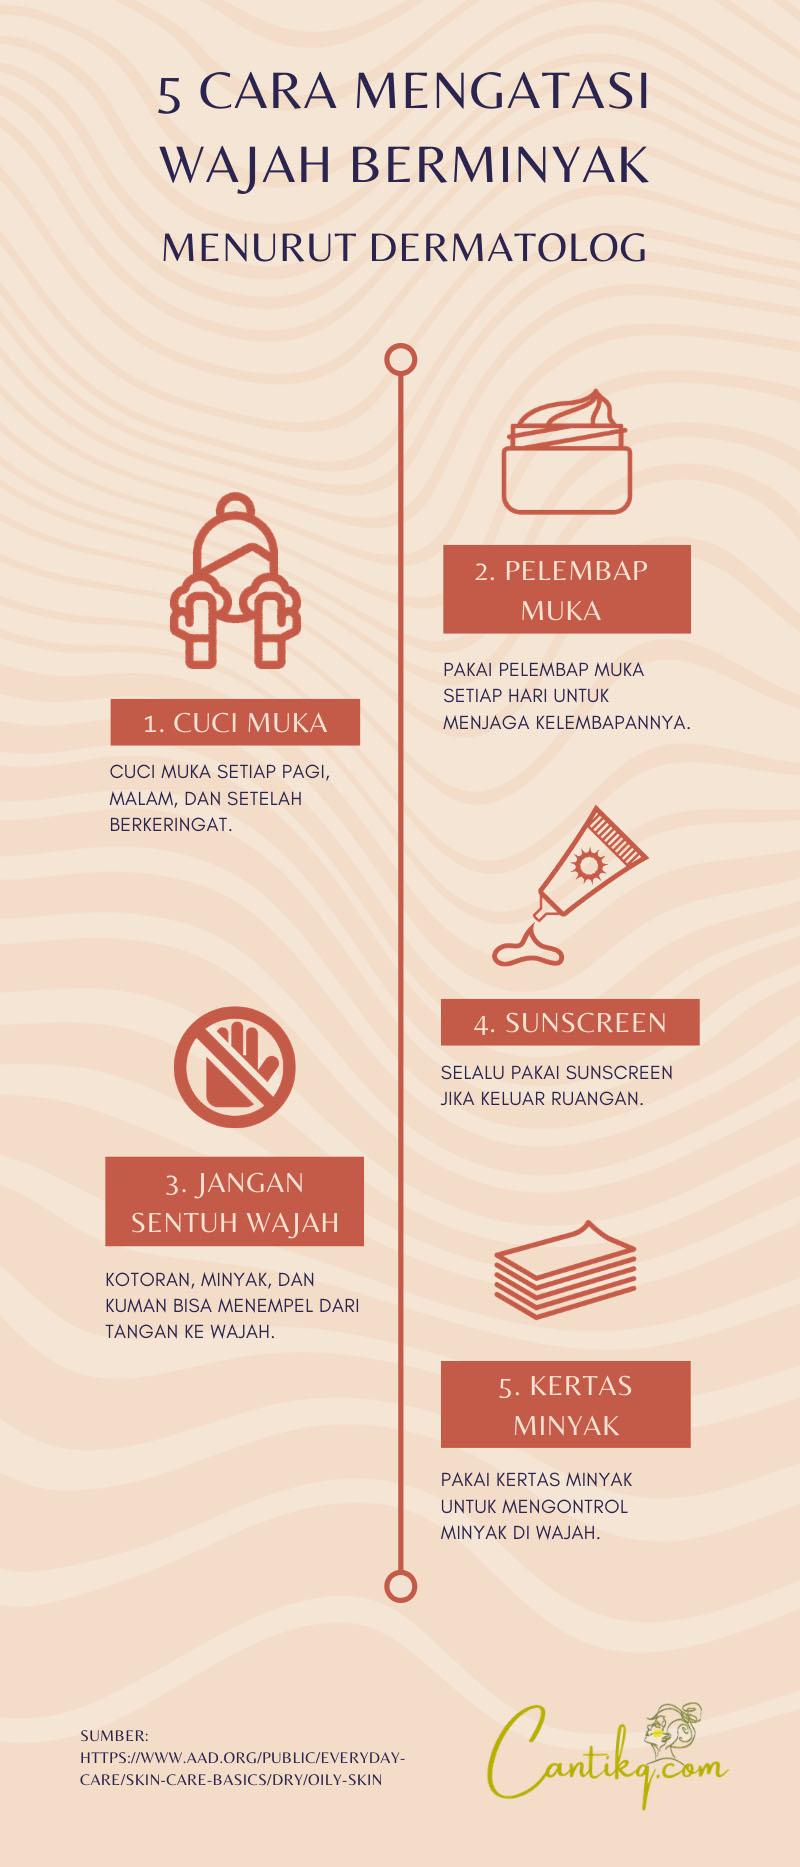 Infografis 5 Cara Mengatasi Wajah Berminyak Menurut Dermatolog